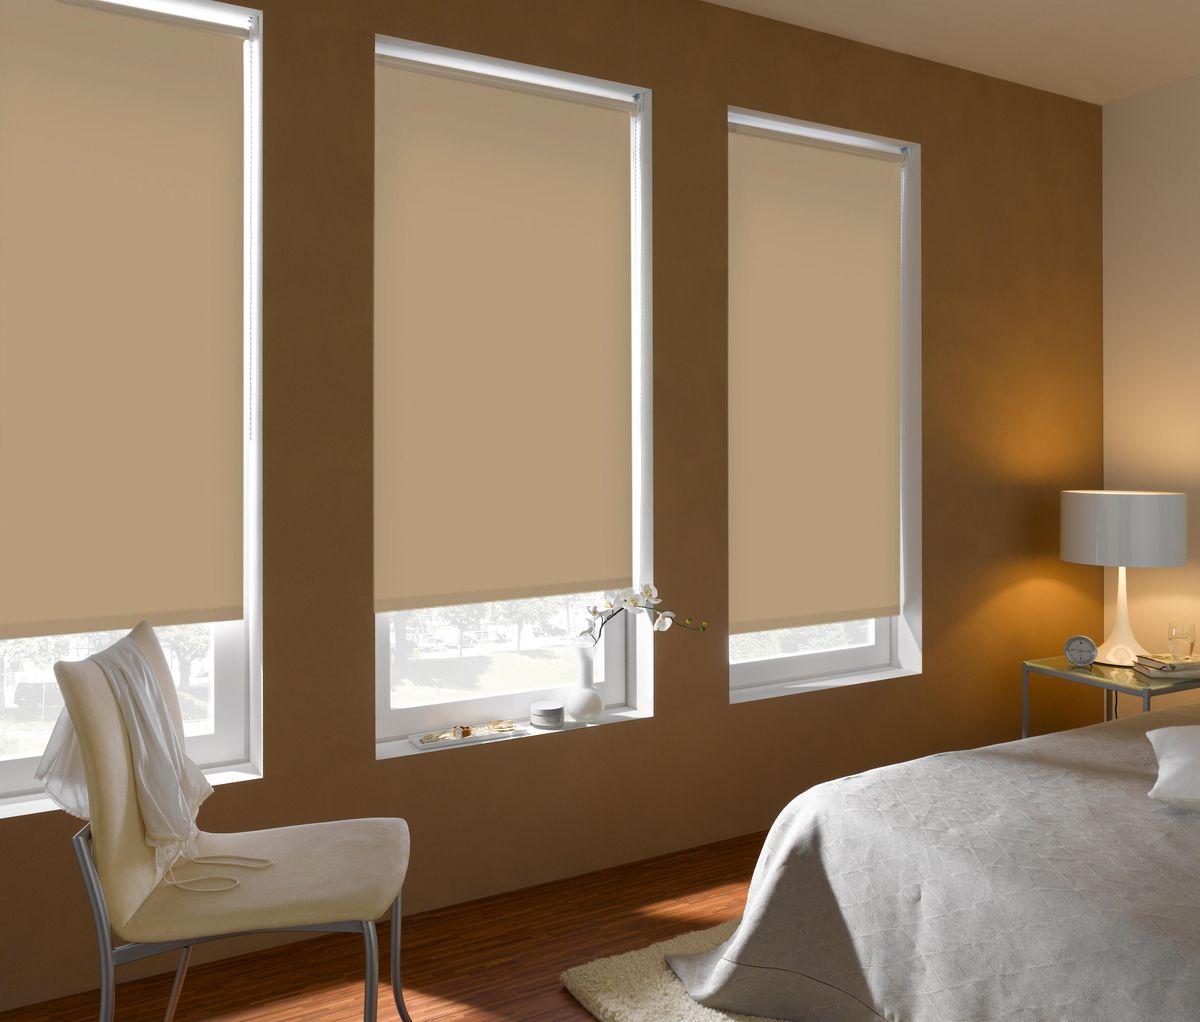 Штора рулонная Эскар Blackout, светонепроницаемая, цвет: бежевый, ширина 80 см, высота 170 см84009080170Рулонными шторами можно оформлять окна как самостоятельно, так и использовать в комбинации с портьерами. Это поможет предотвратить выгорание дорогой ткани на солнце и соединит функционал рулонных с красотой навесных. Преимущества применения рулонных штор для пластиковых окон: - имеют прекрасный внешний вид: многообразие и фактурность материала изделия отлично смотрятся в любом интерьере; - многофункциональны: есть возможность подобрать шторы способные эффективно защитить комнату от солнца, при этом она не будет слишком темной. - Есть возможность осуществить быстрый монтаж. ВНИМАНИЕ! Размеры ширины изделия указаны по ширине ткани! Во время эксплуатации не рекомендуется полностью разматывать рулон, чтобы не оторвать ткань от намоточного вала. В случае загрязнения поверхности ткани, чистку шторы проводят одним из способов, в зависимости от типа загрязнения: легкое поверхностное загрязнение можно удалить при...